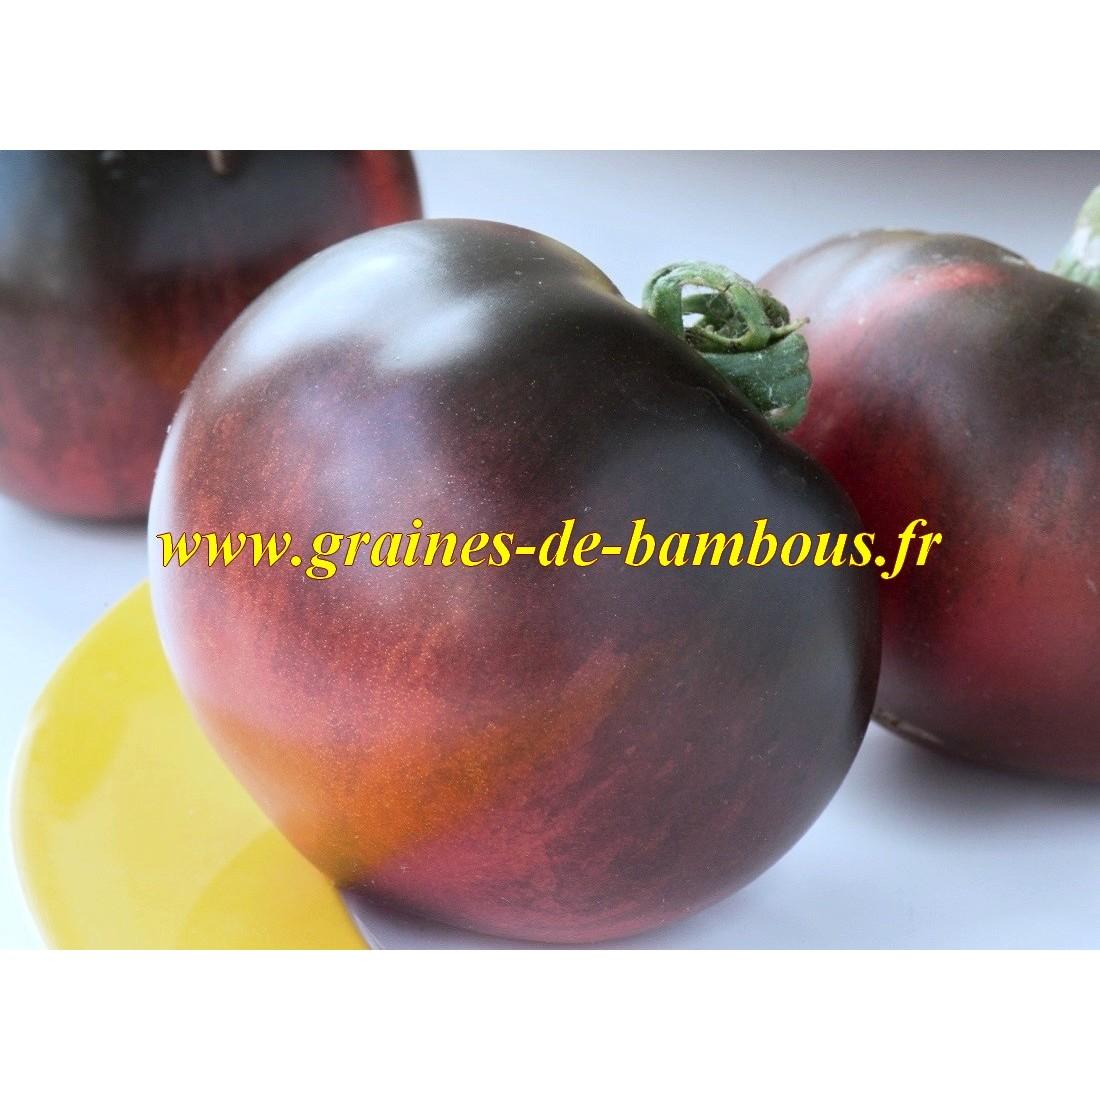 Tomate couleur bleu indigo apple graines de bambous eu